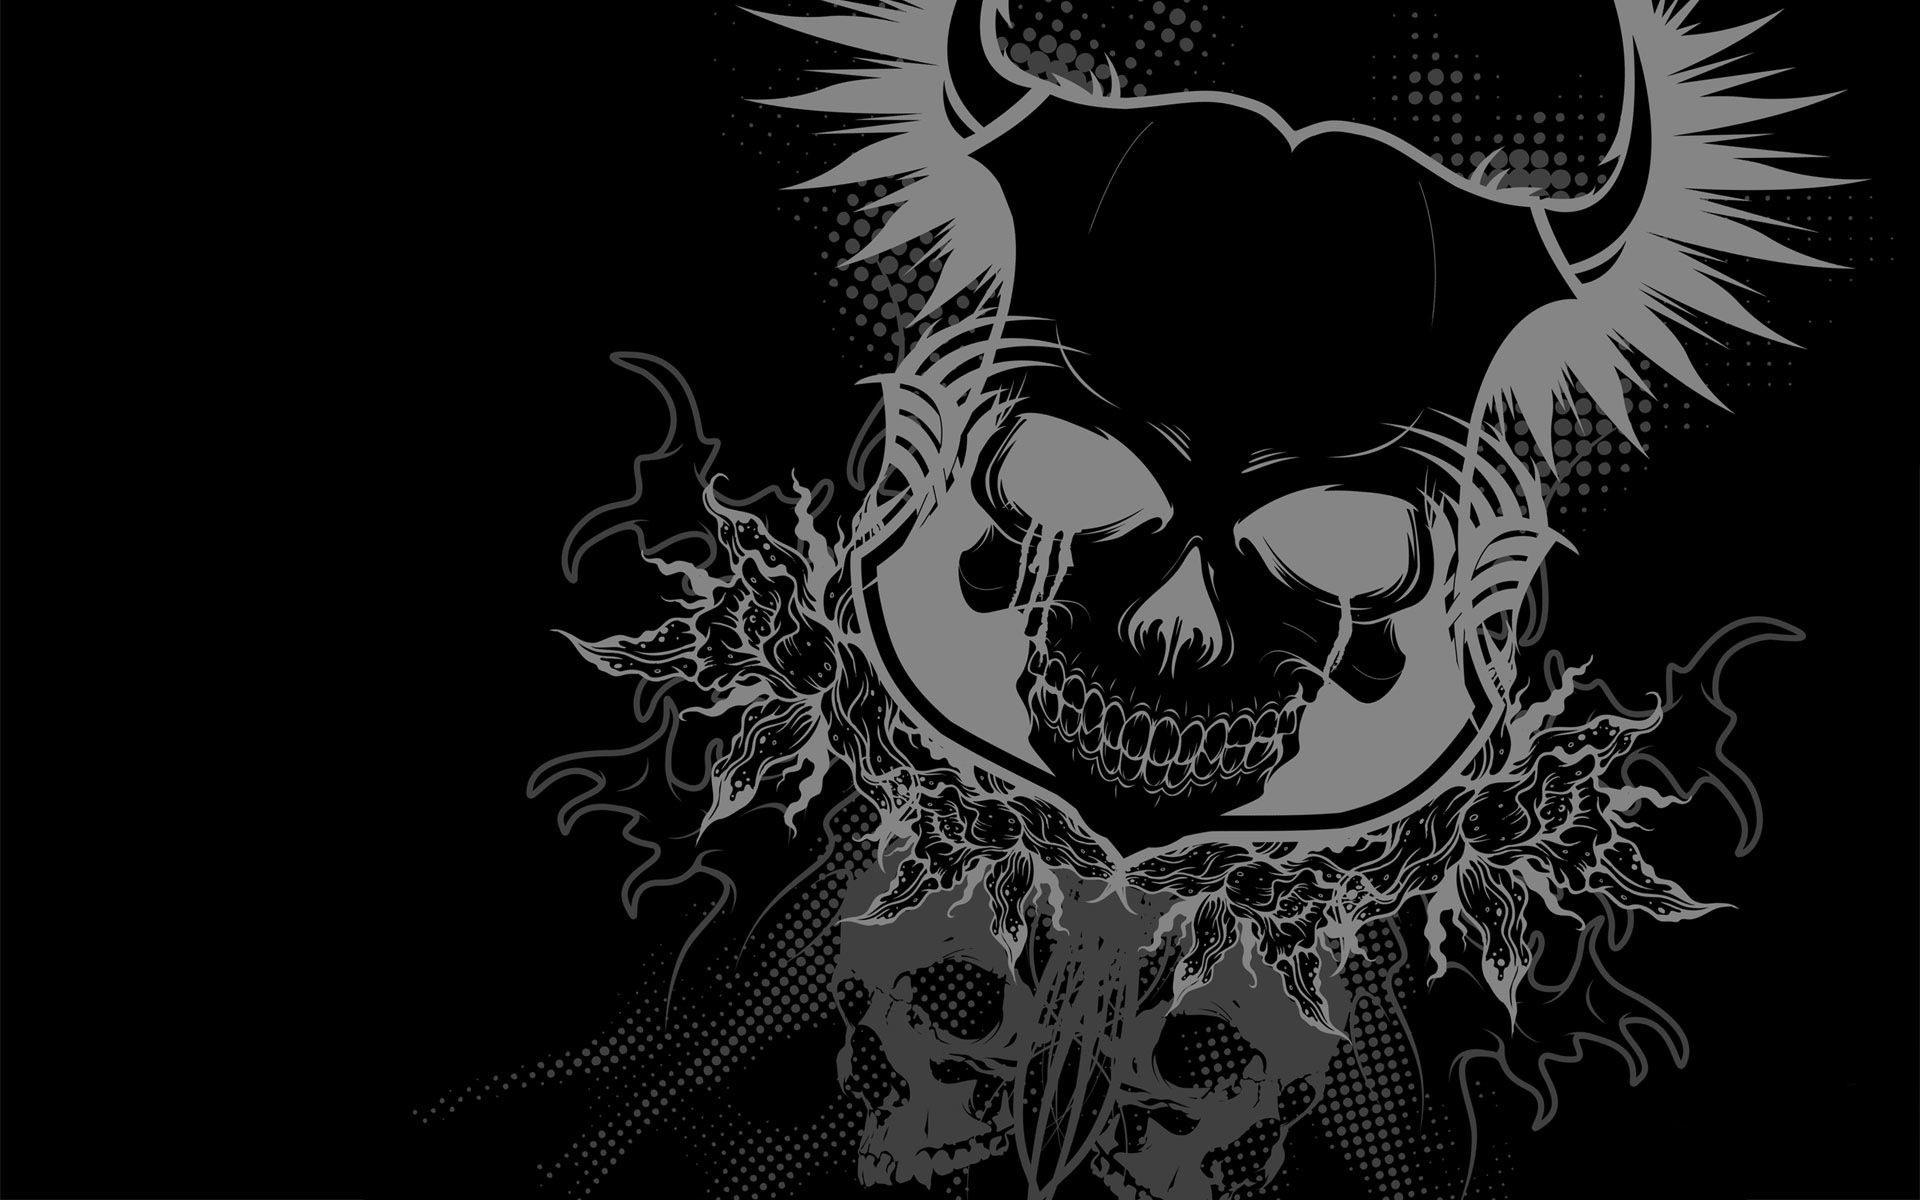 Horned Skull desktop wallpaper 1920x1200